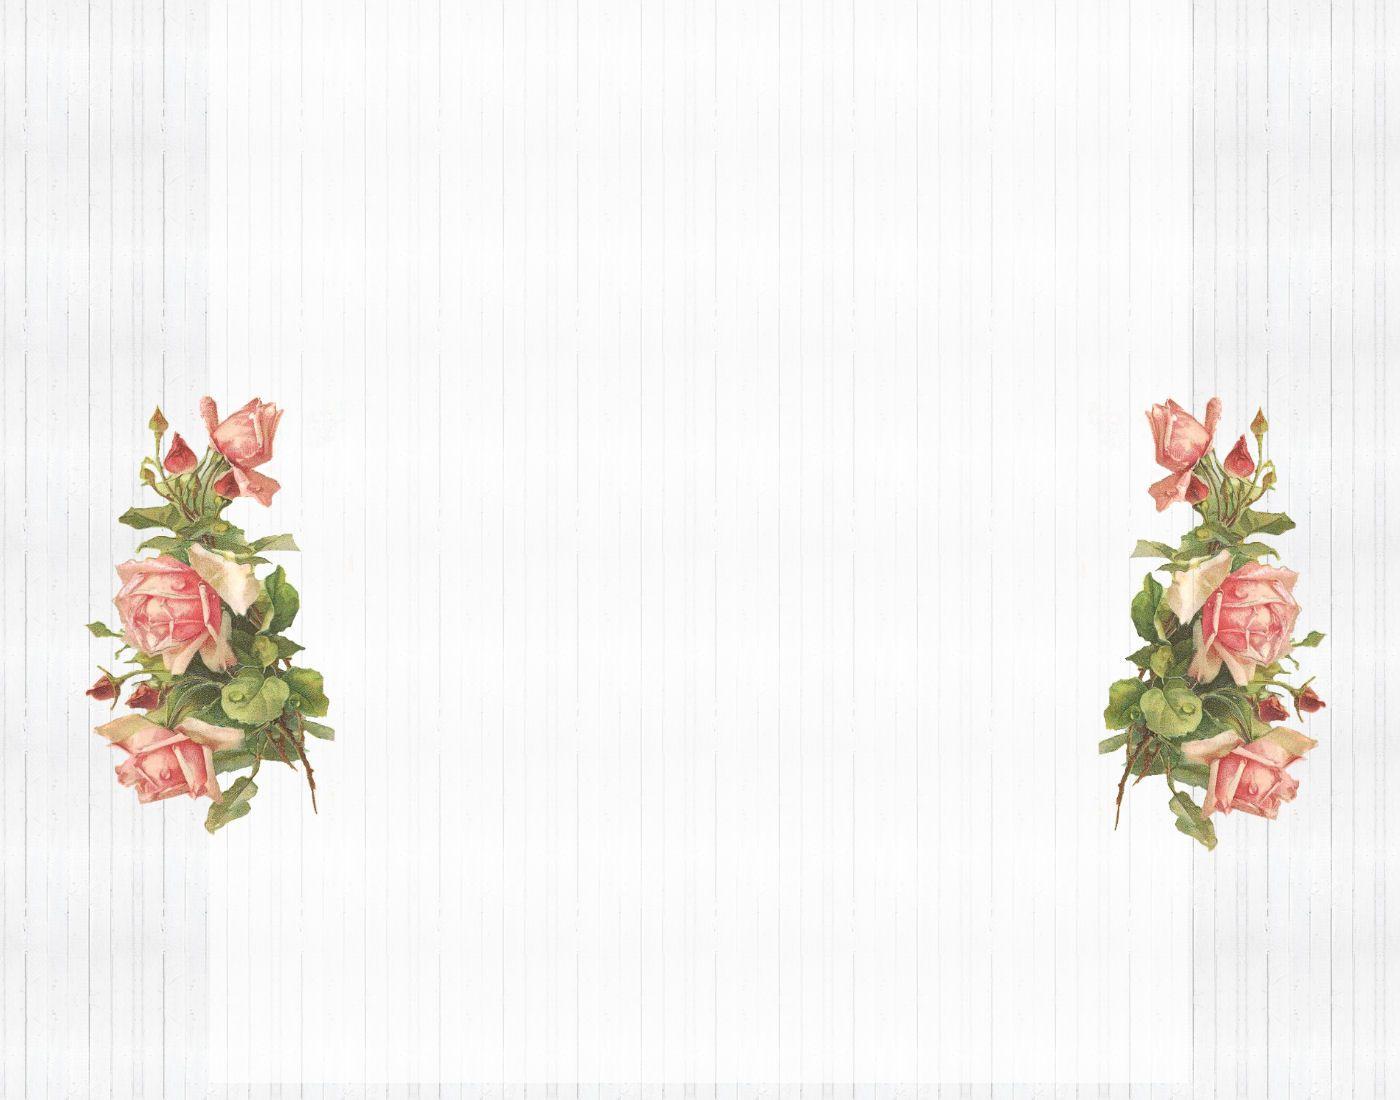 Shabby Lane Shops Free Blog Backgrounds: White Fence ...